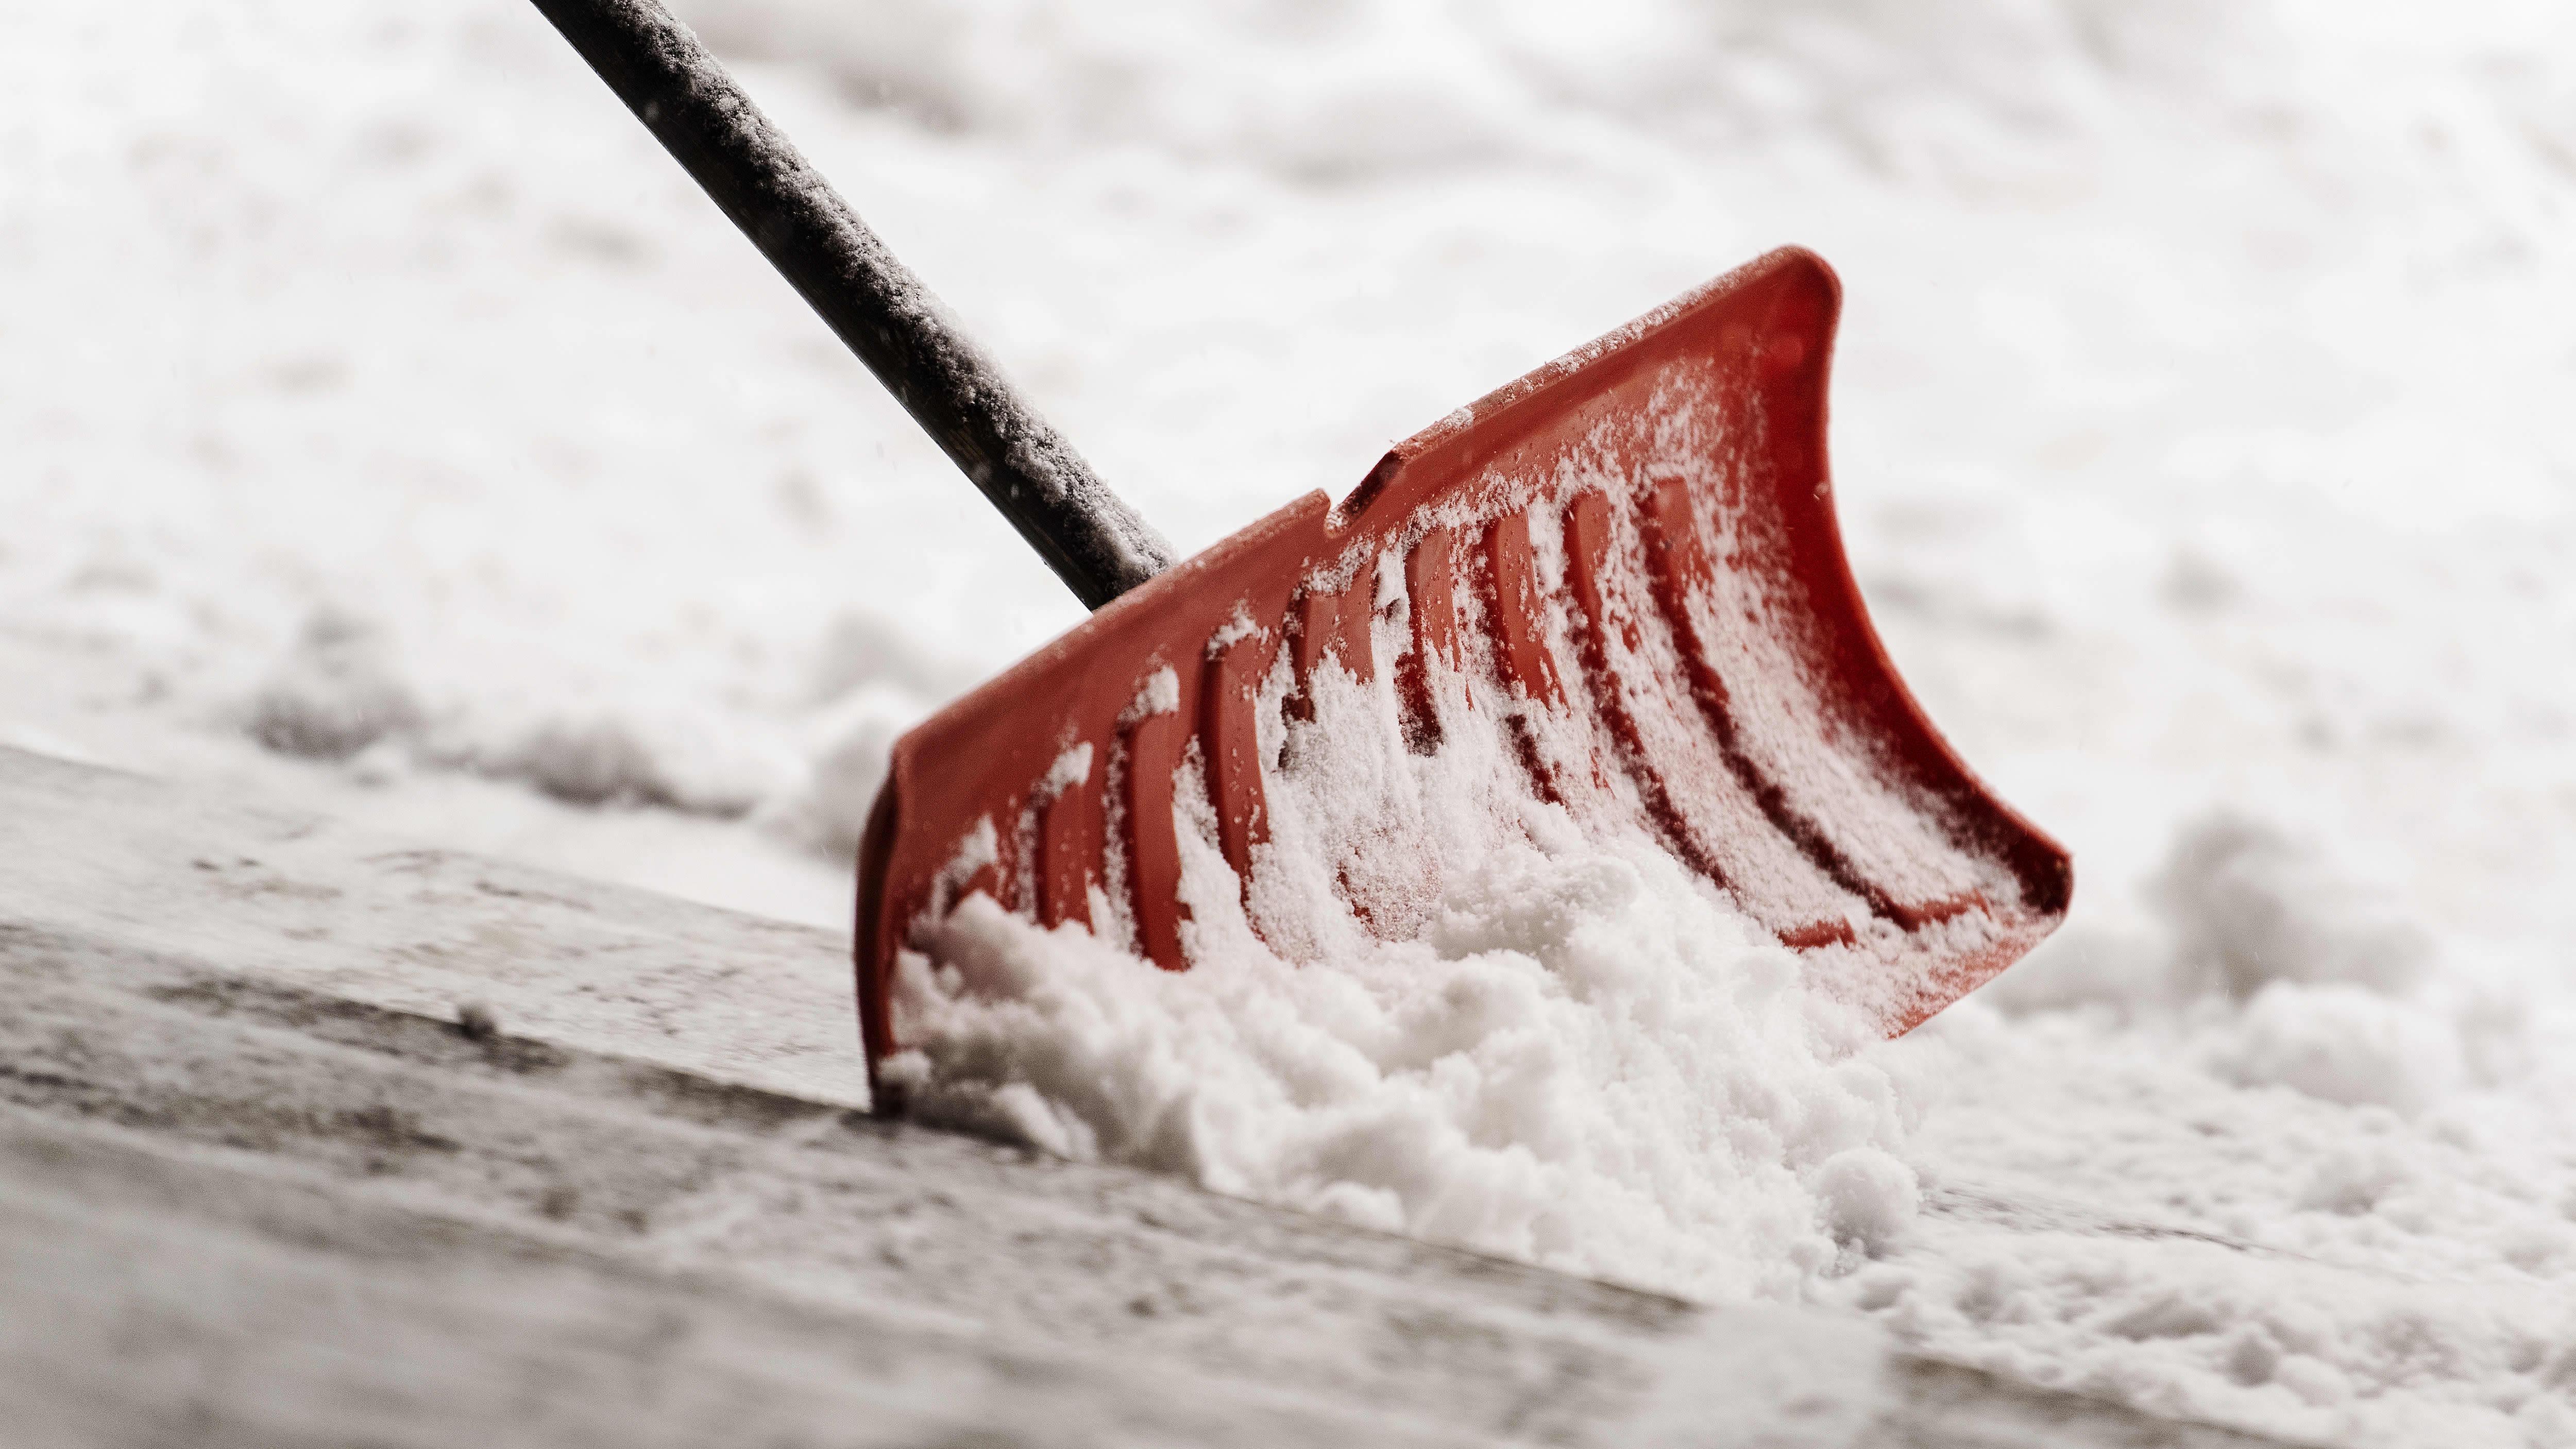 Lunta luodaan punaisella lapiolla.